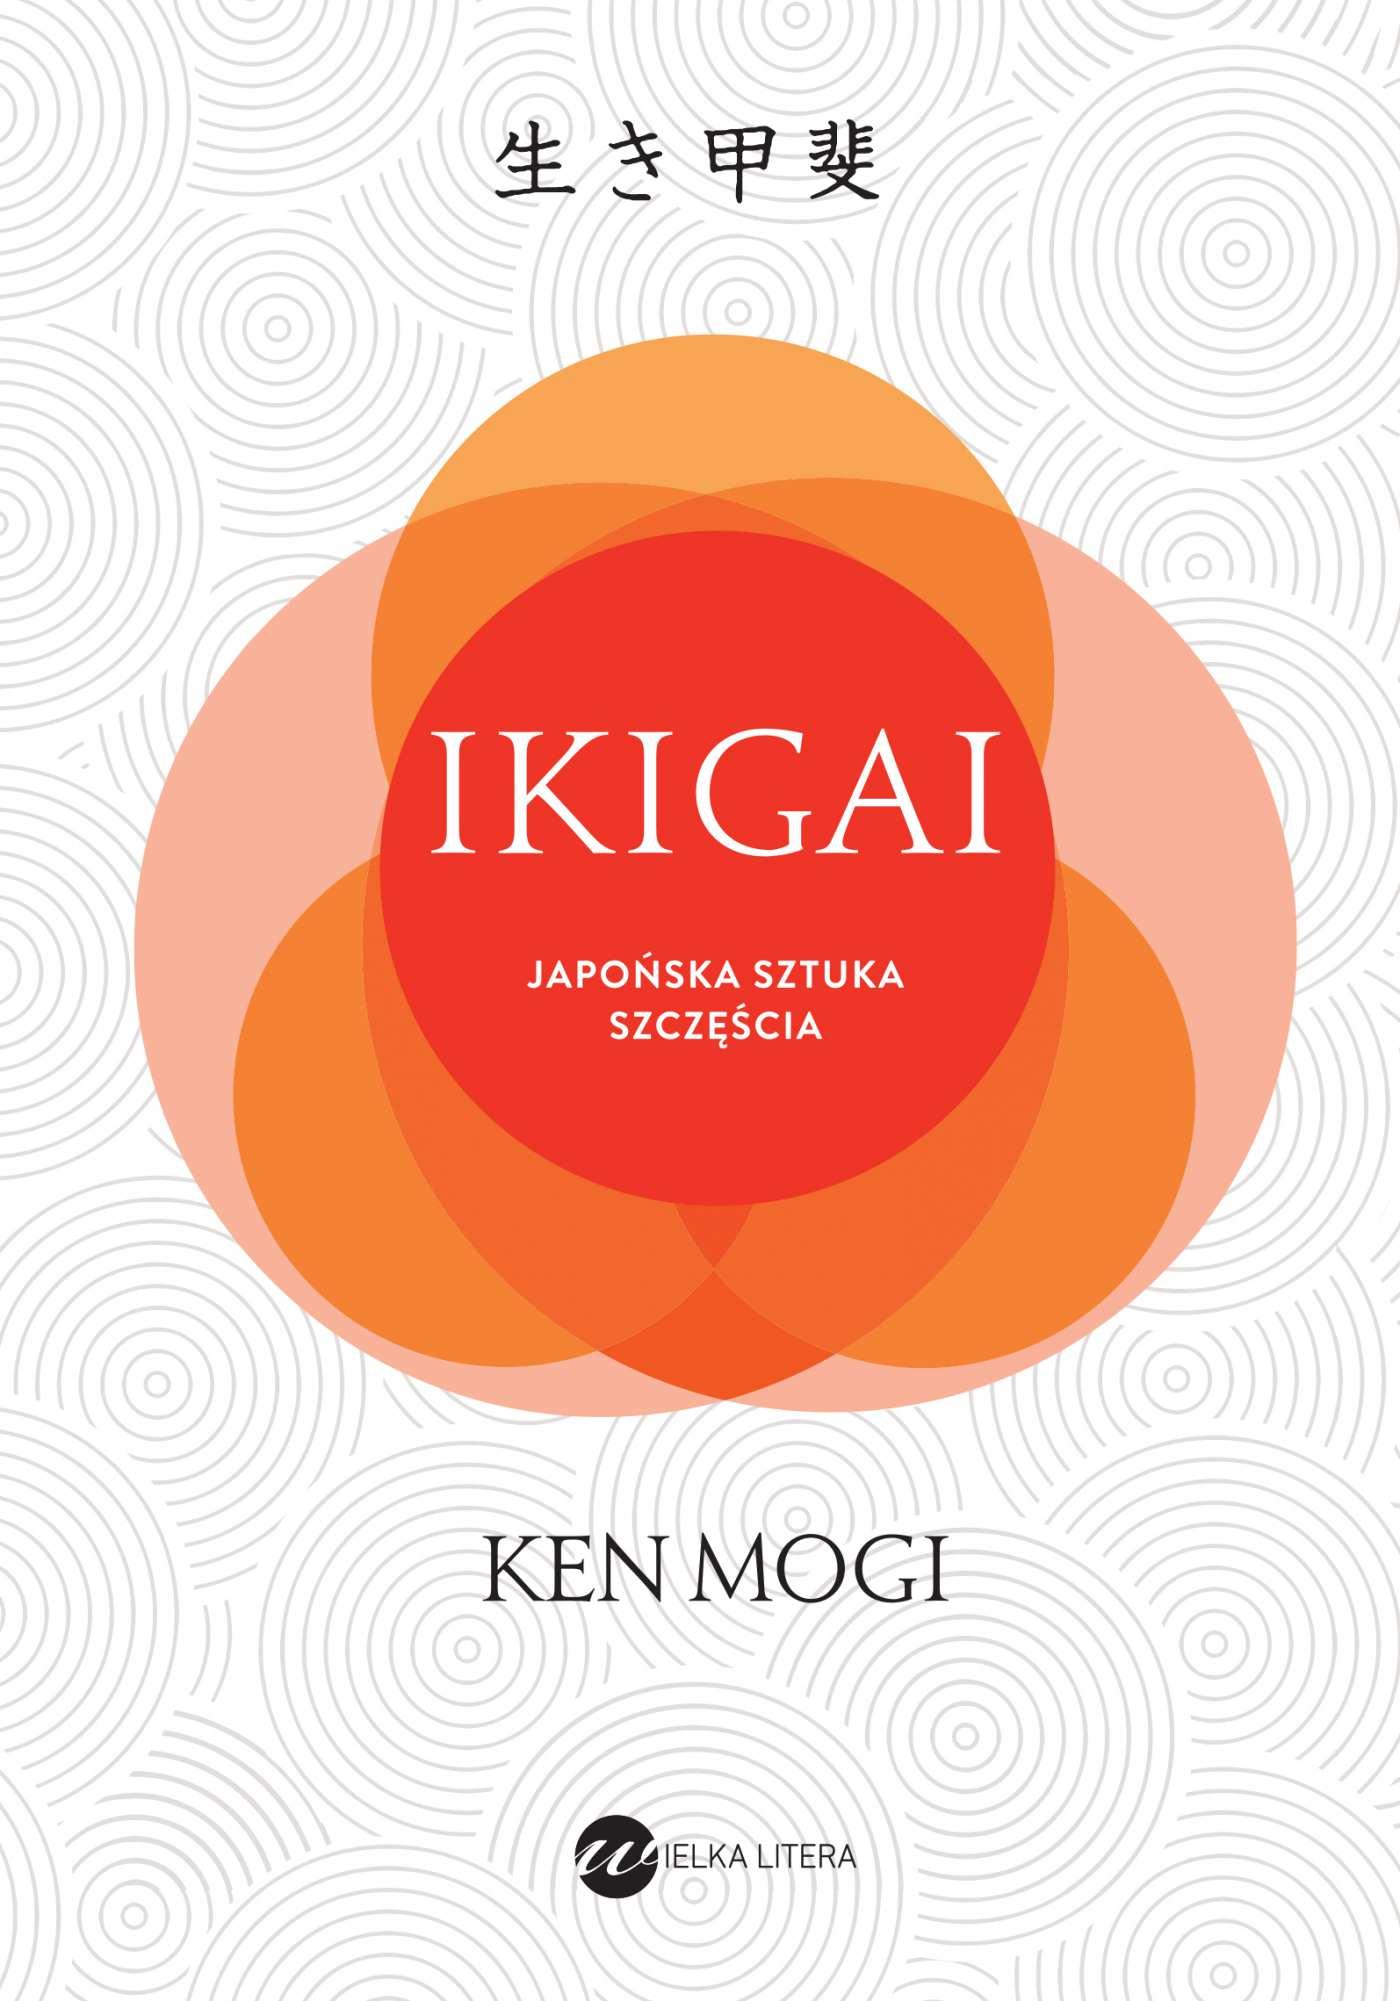 IKIGAI. Japońska sztuka szczęścia - Ebook (Książka EPUB) do pobrania w formacie EPUB